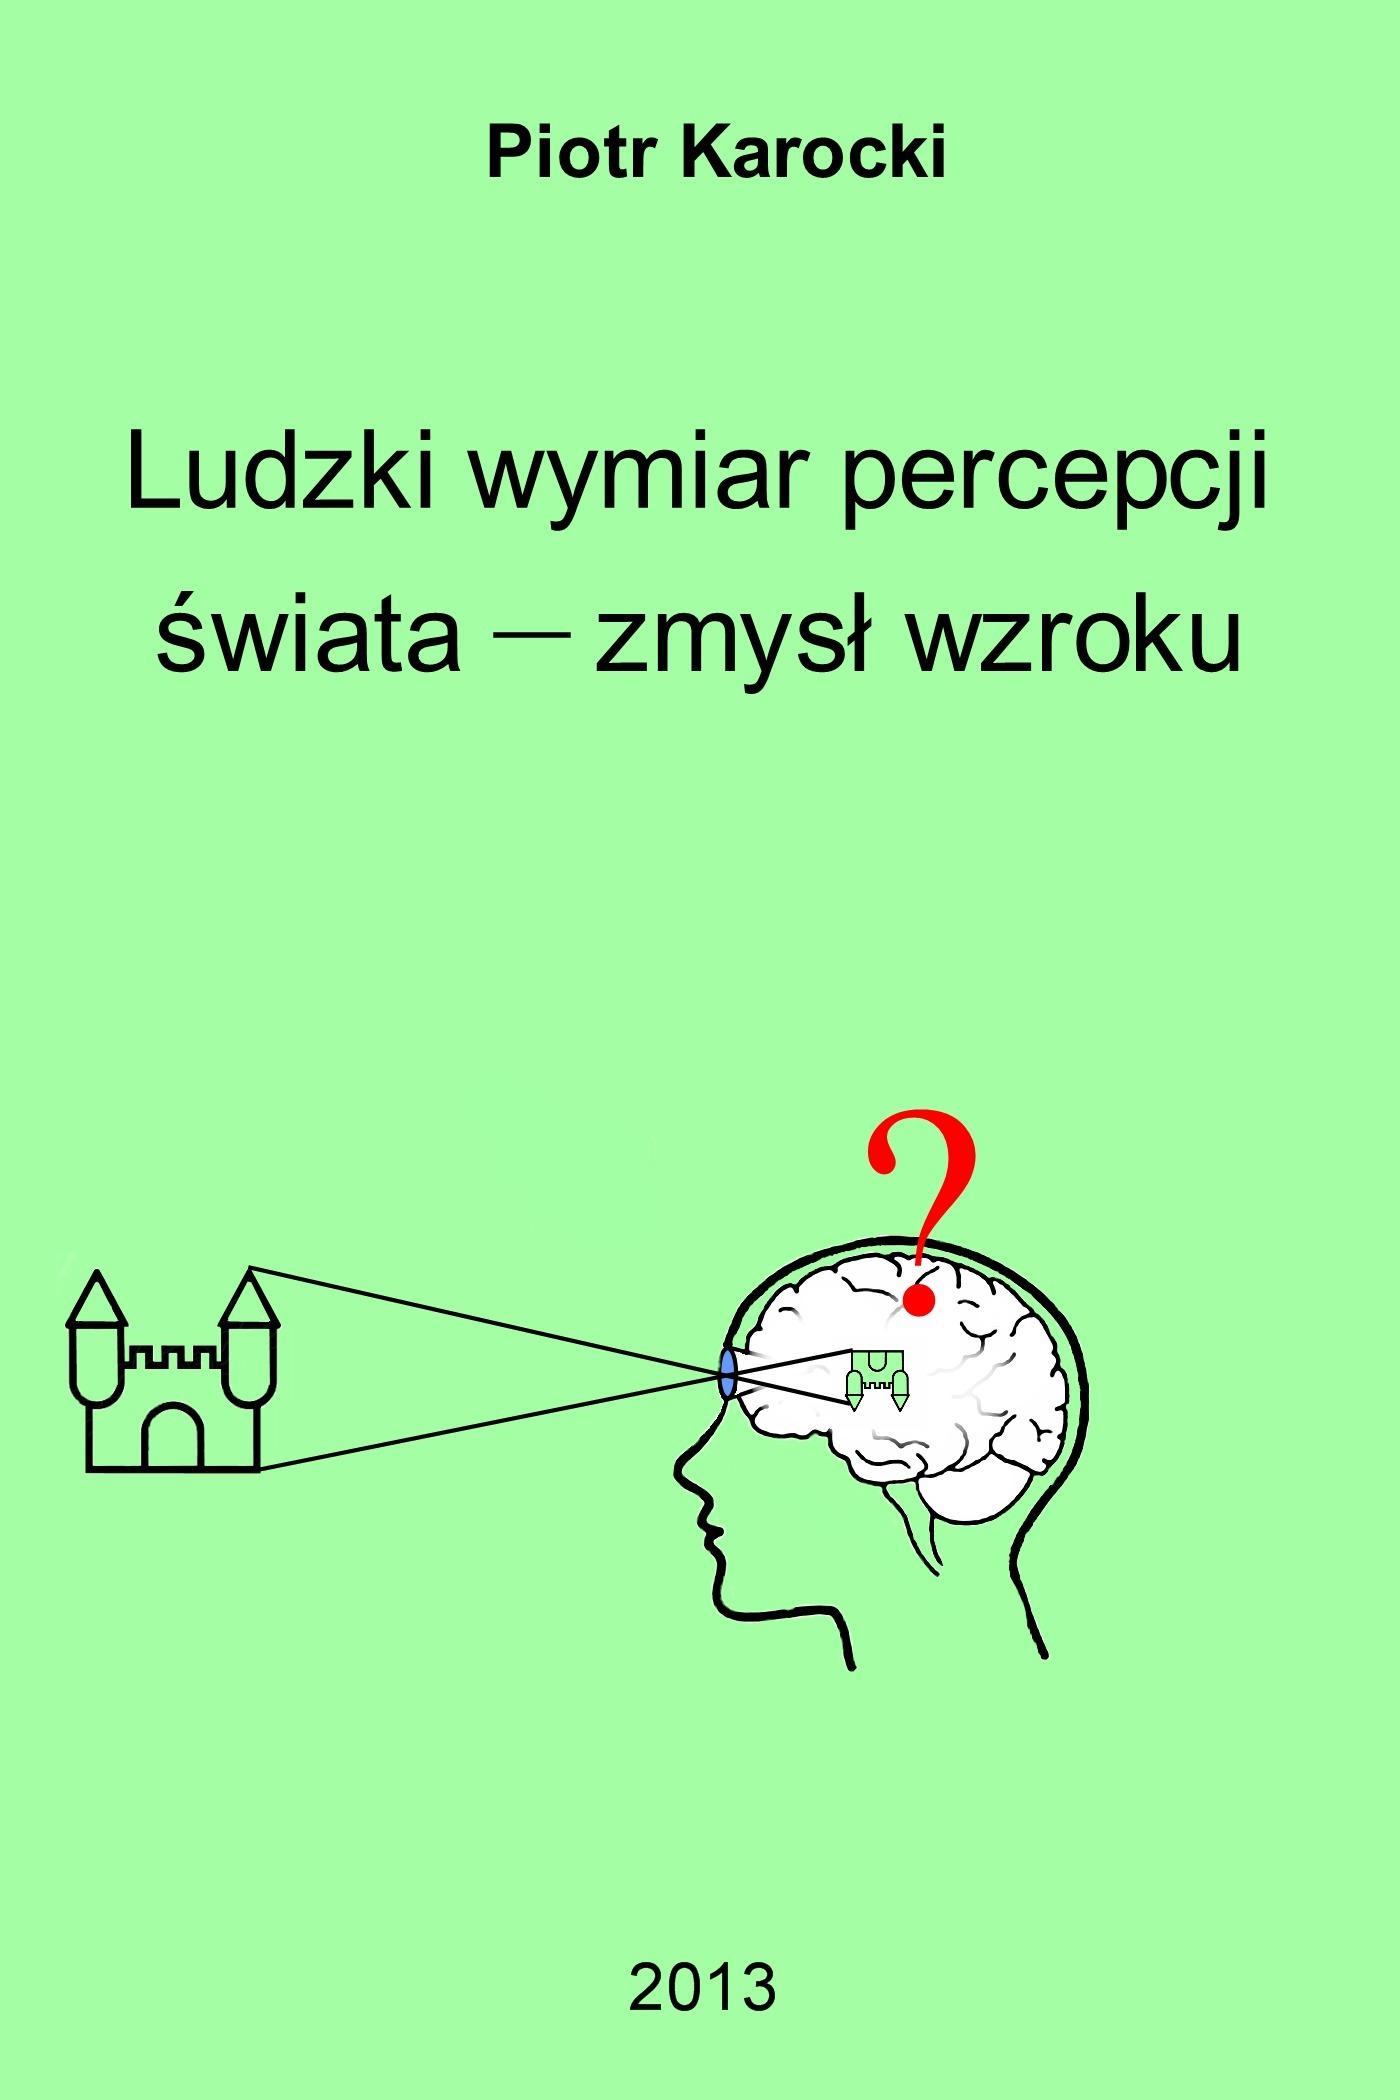 Ludzki wymiar percepcji świata: zmysł wzroku Piotr Karocki